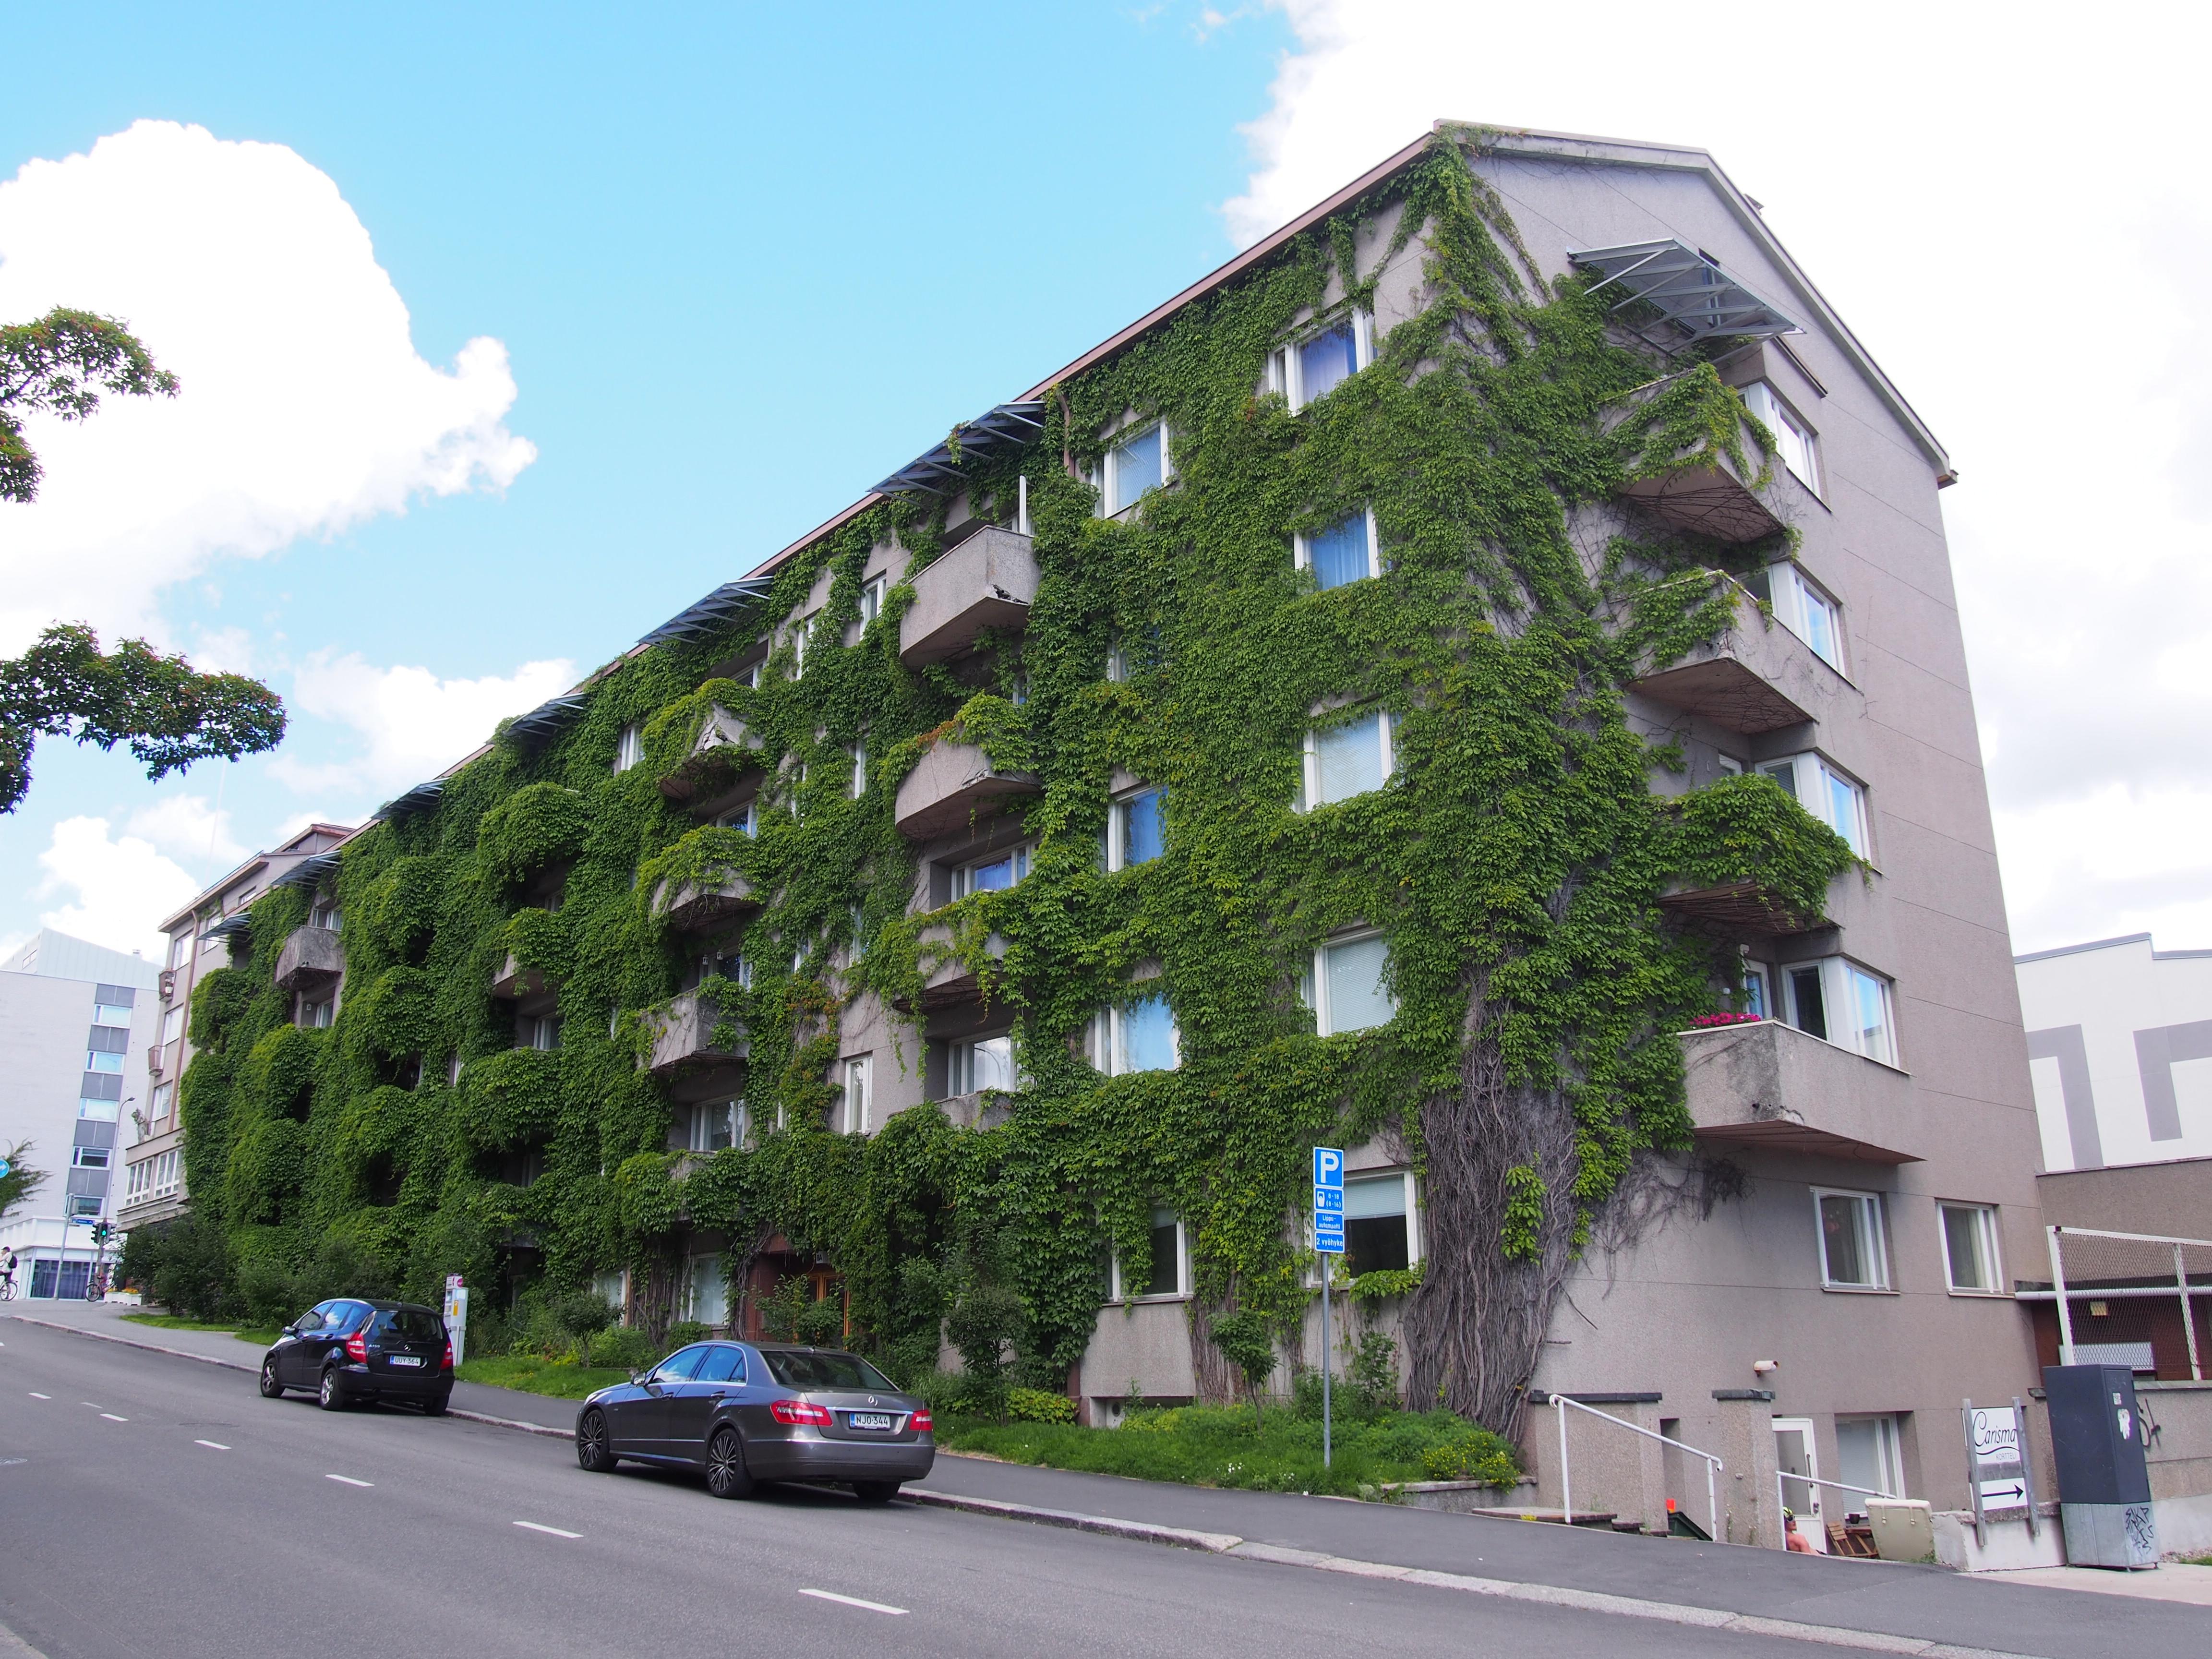 Hieno köynnös seinällä muuttaa kerrostalon vihreäksi. (Kuva Mauri Hähkiöniemi)